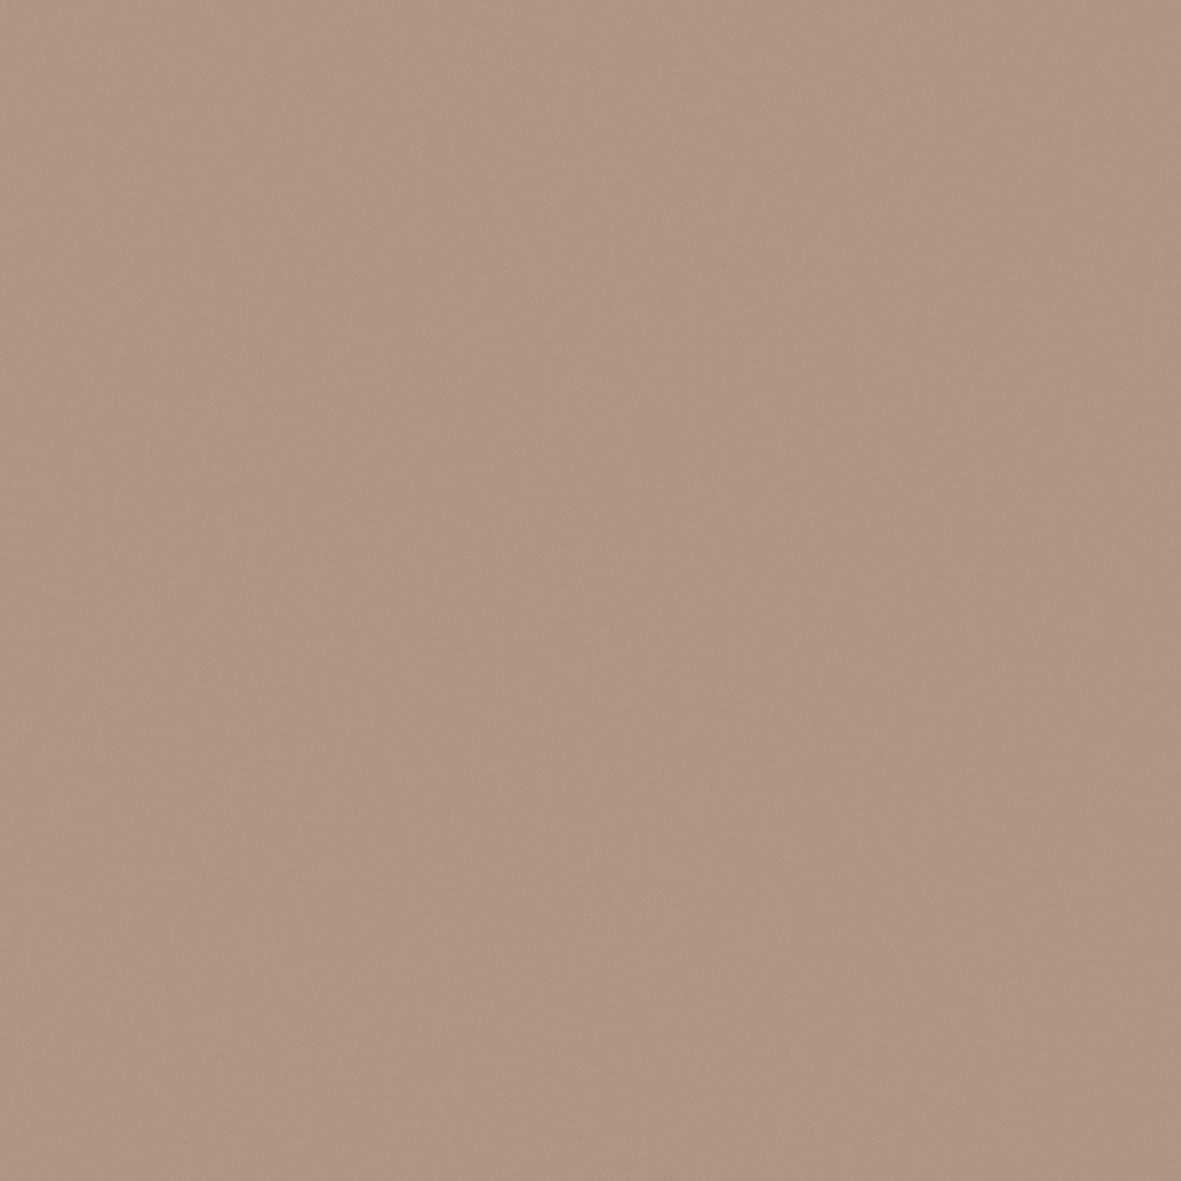 Catalogue envie de salle de bains for Carrelage blanc brillant 20x20